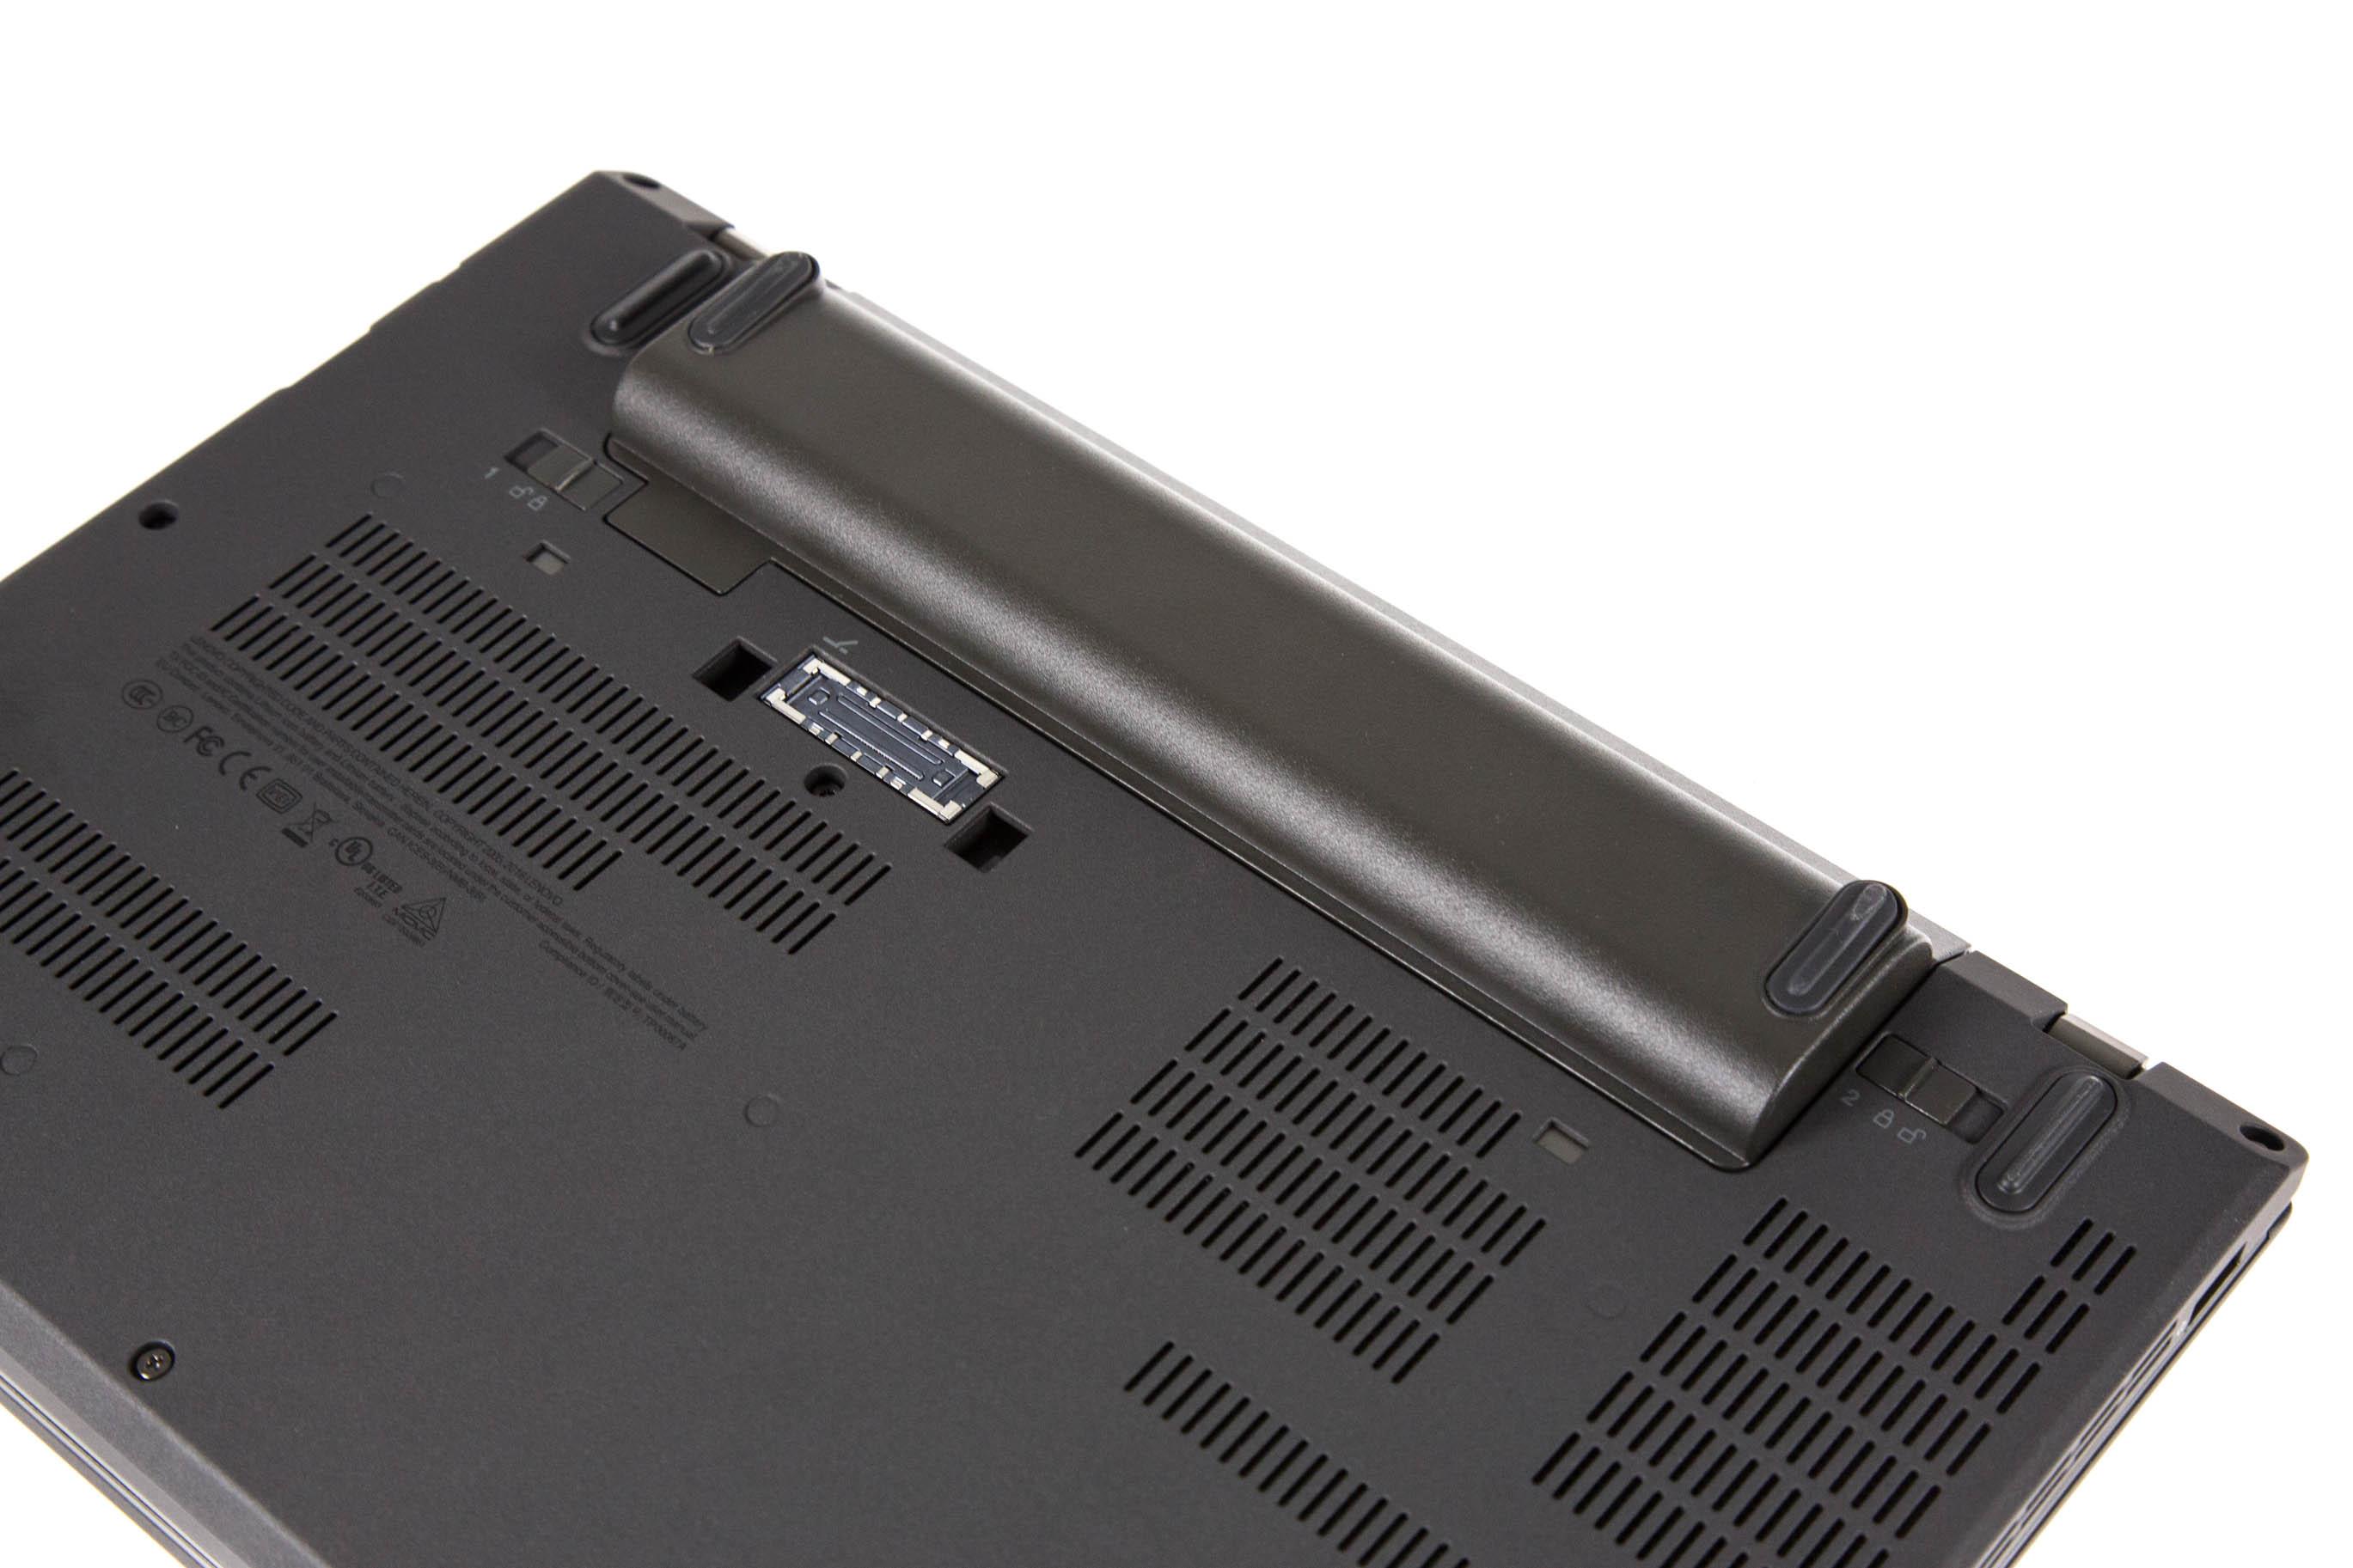 Thinkpad X270 im Test: Lenovos neuer alter Klassiker hat es immer noch drauf -